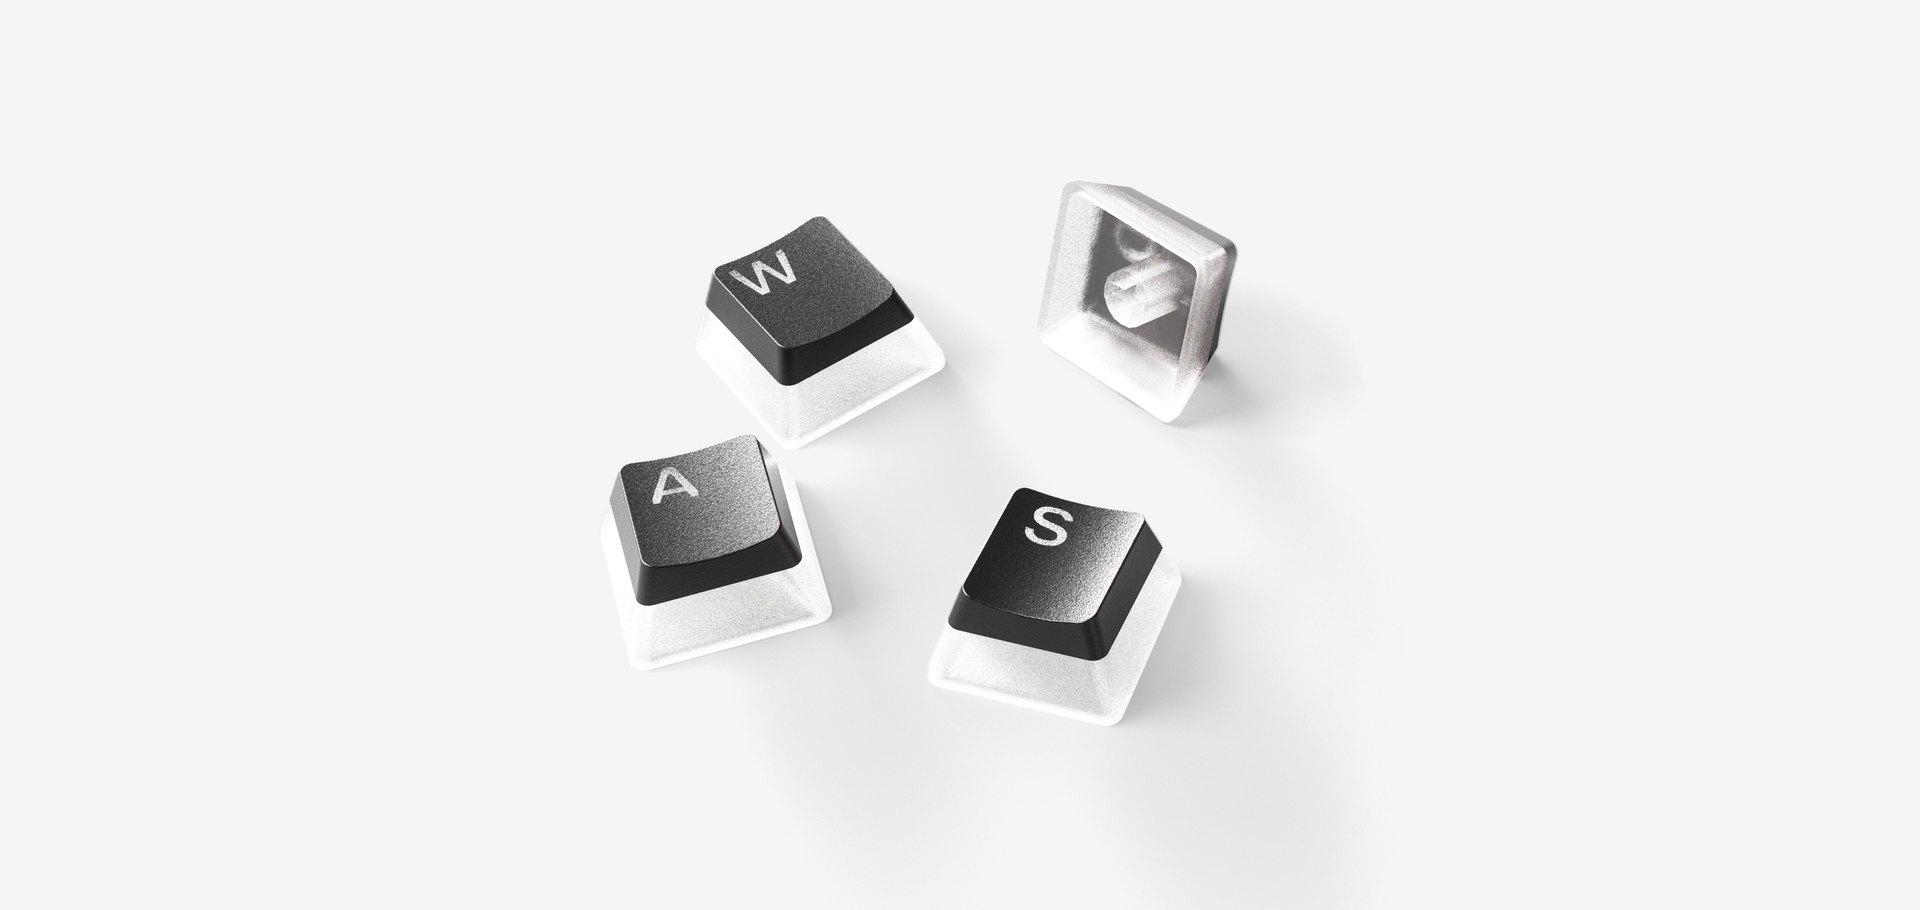 Vue rapprochée des touches de clavier PBT montrant leur texture.